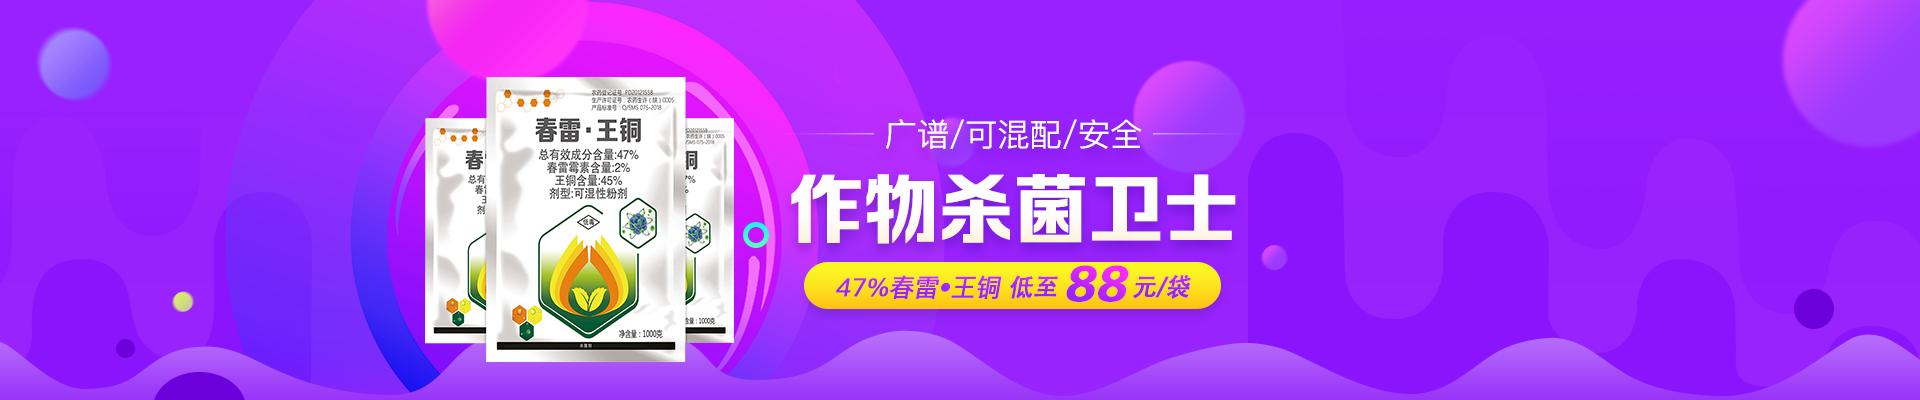 【5月】众筹-春雷王铜-PC-栏目-轮播